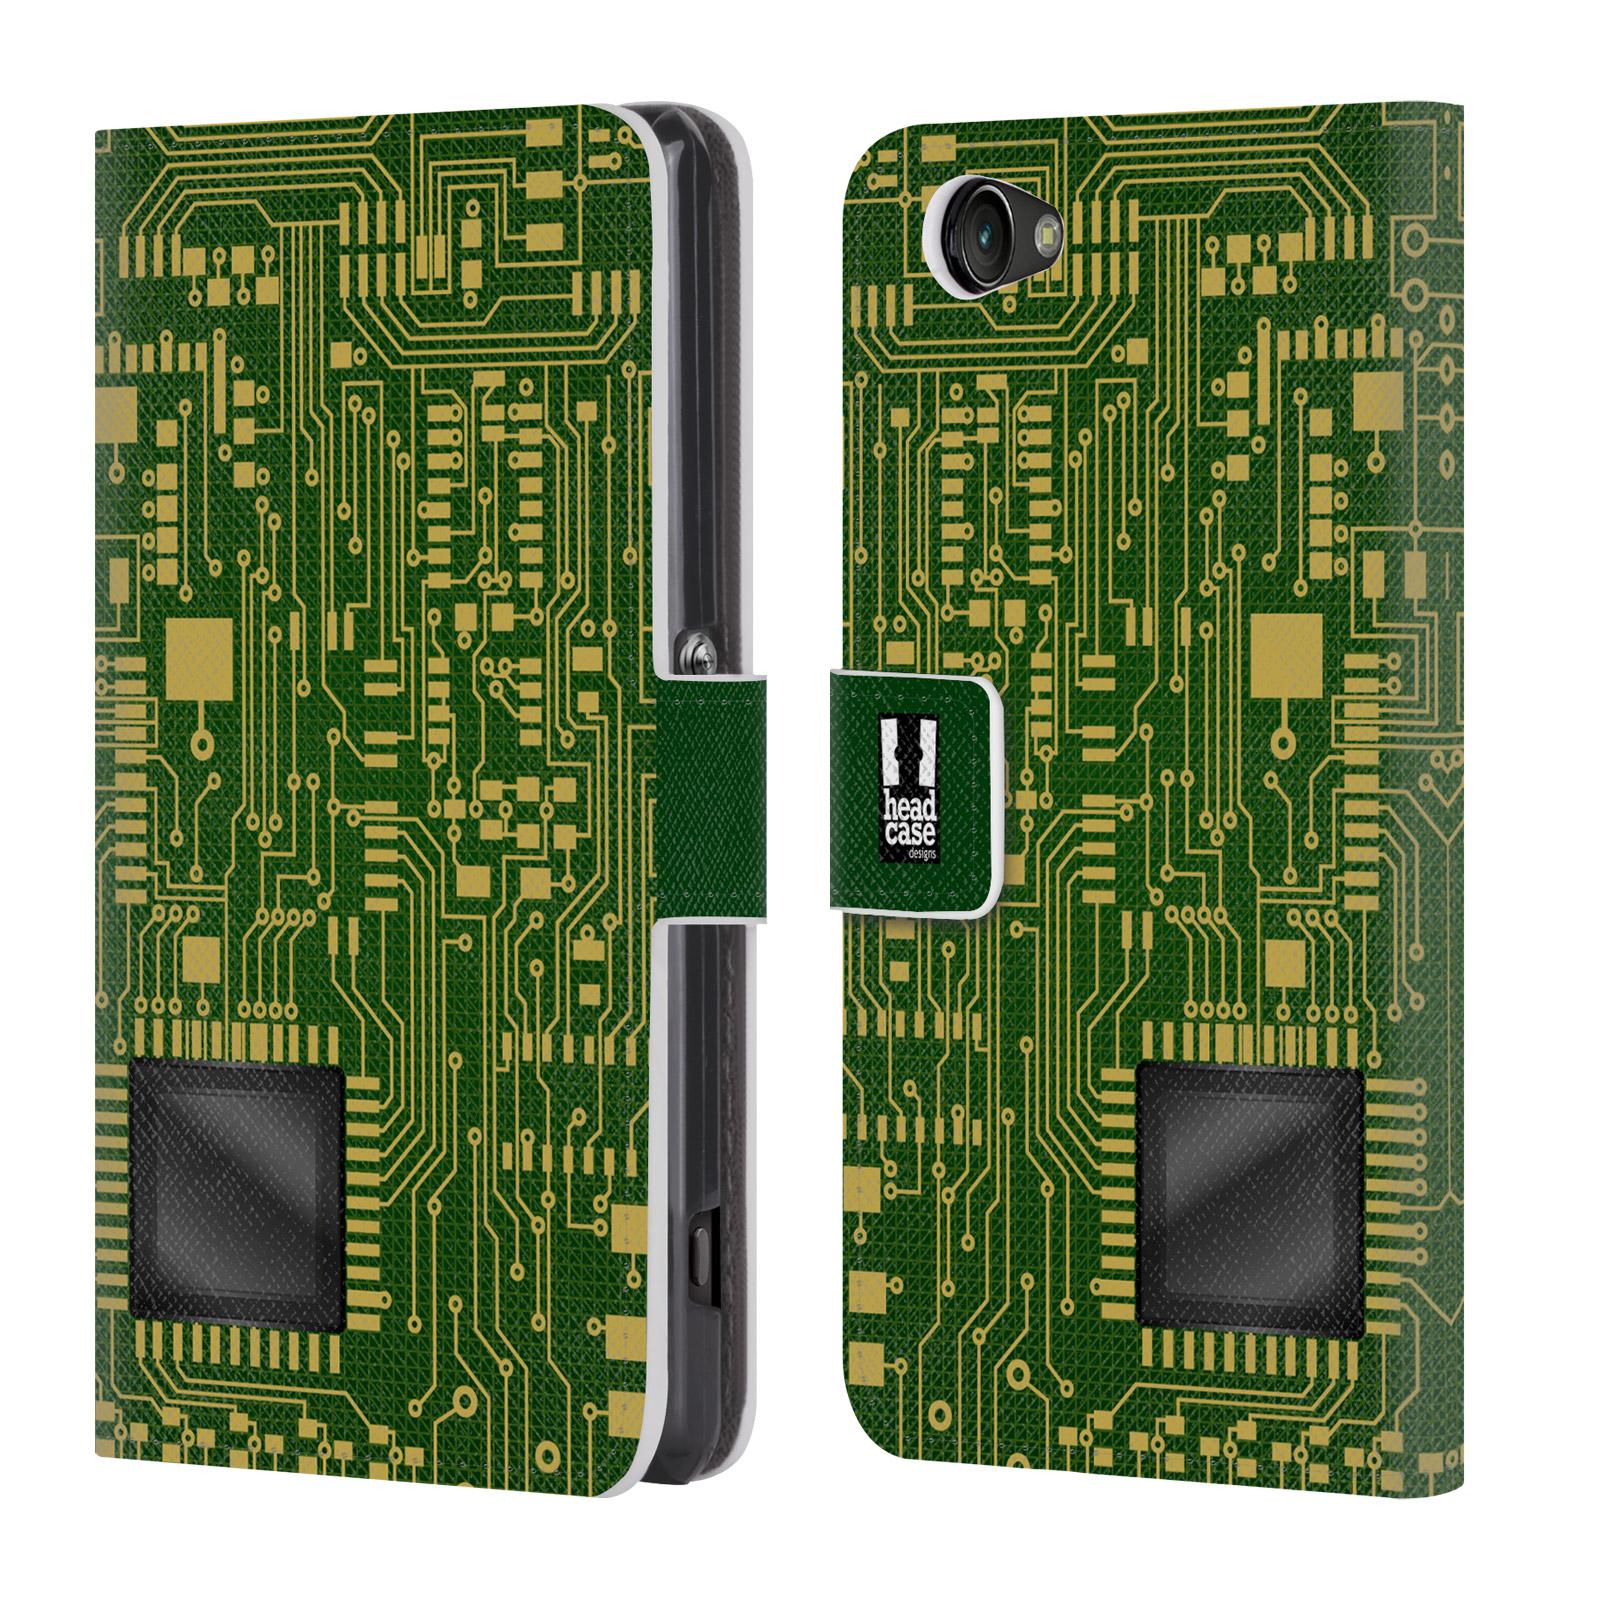 HEAD CASE Flipové pouzdro pro mobil SONY XPERIA Z1 COMPACT počítač základní deska zelená barva velký čip